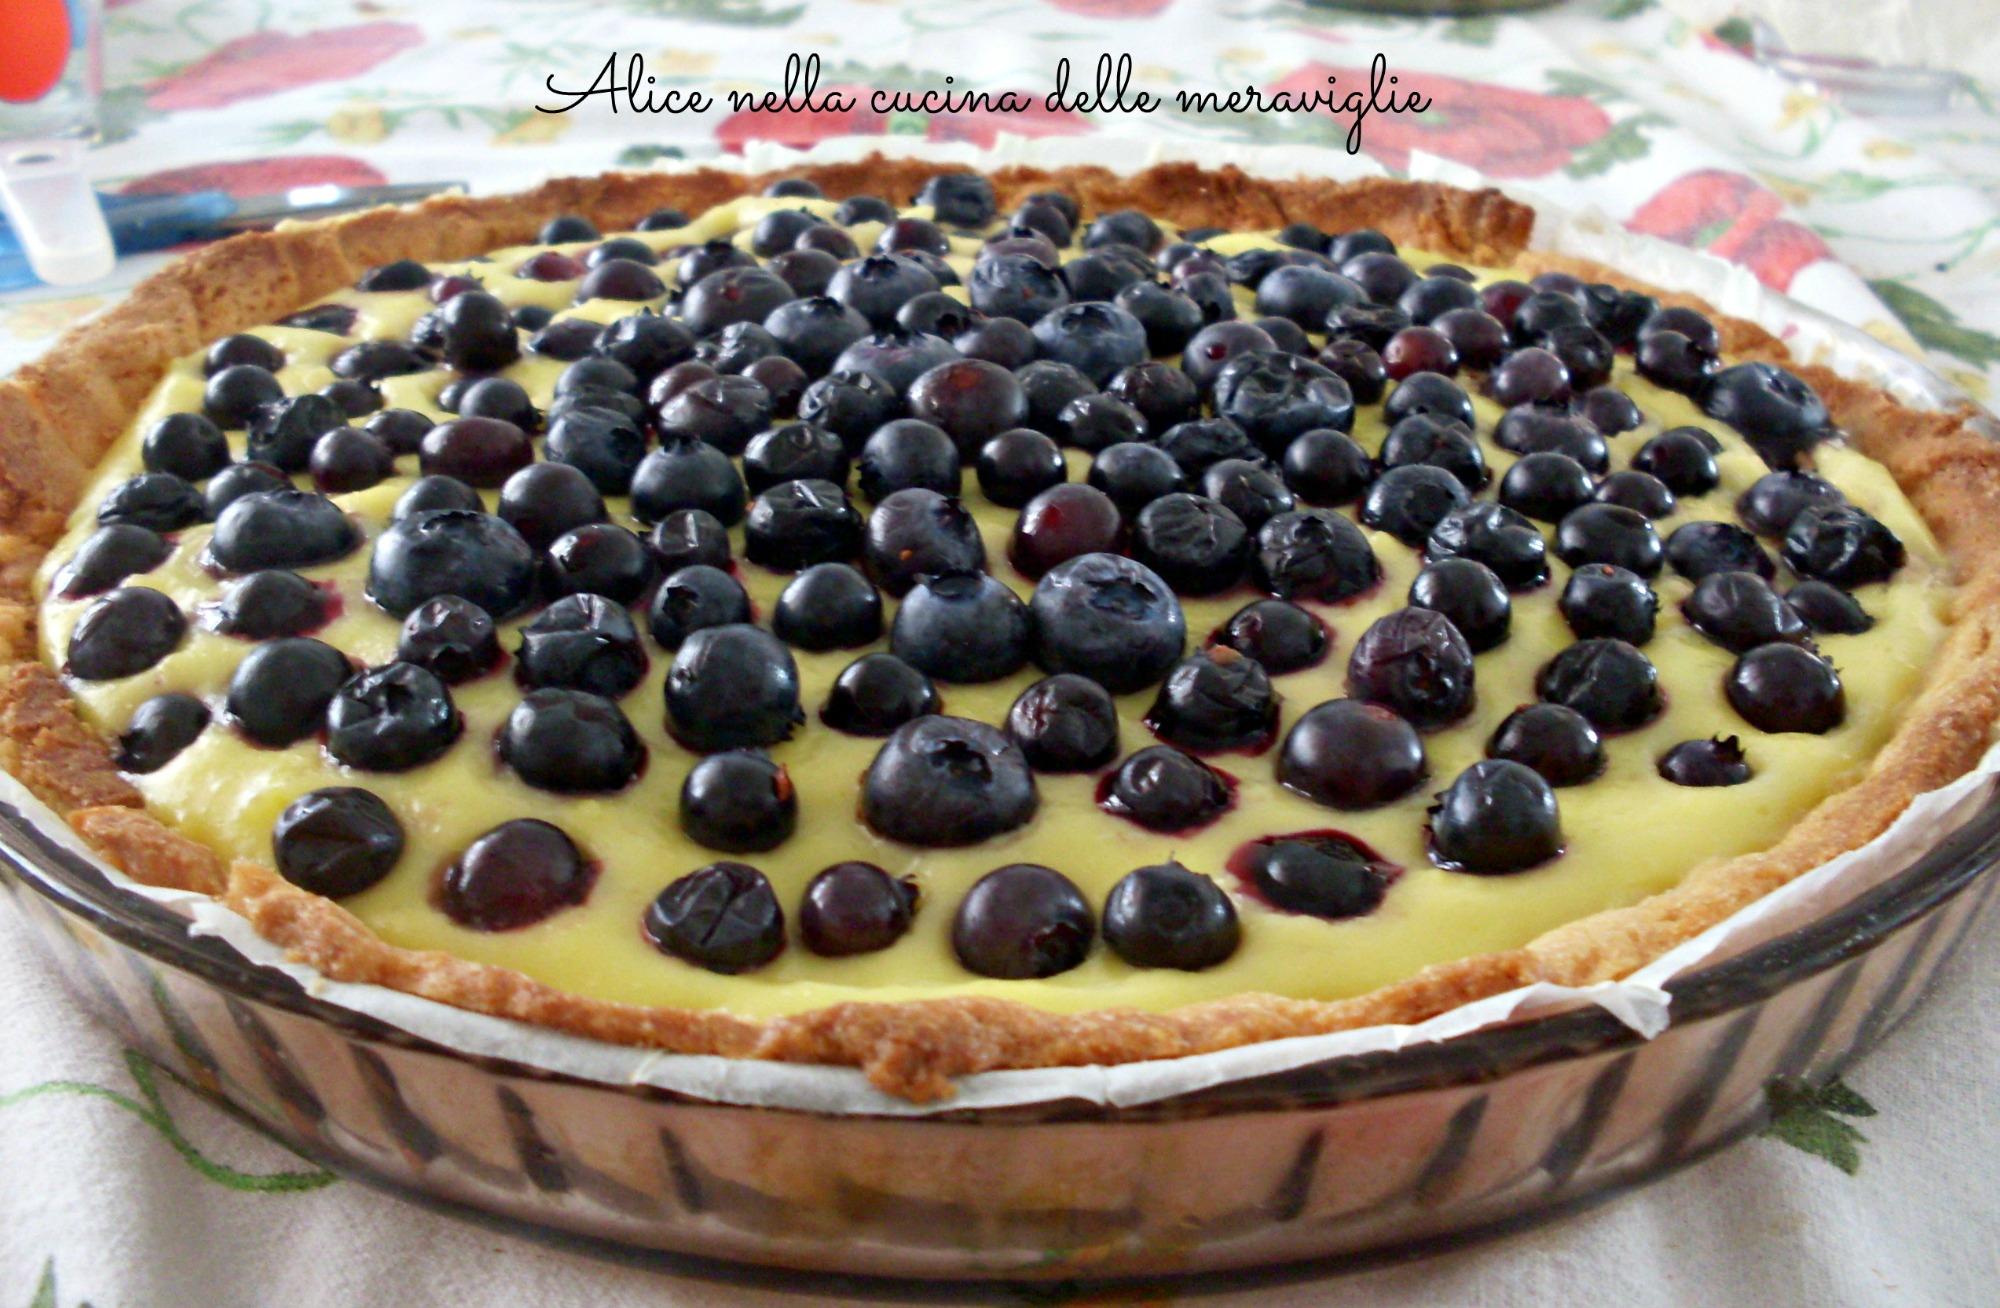 Crostata di mirtilli con crema pasticcera Ricetta dolce Alice nella cucina delle meraviglie